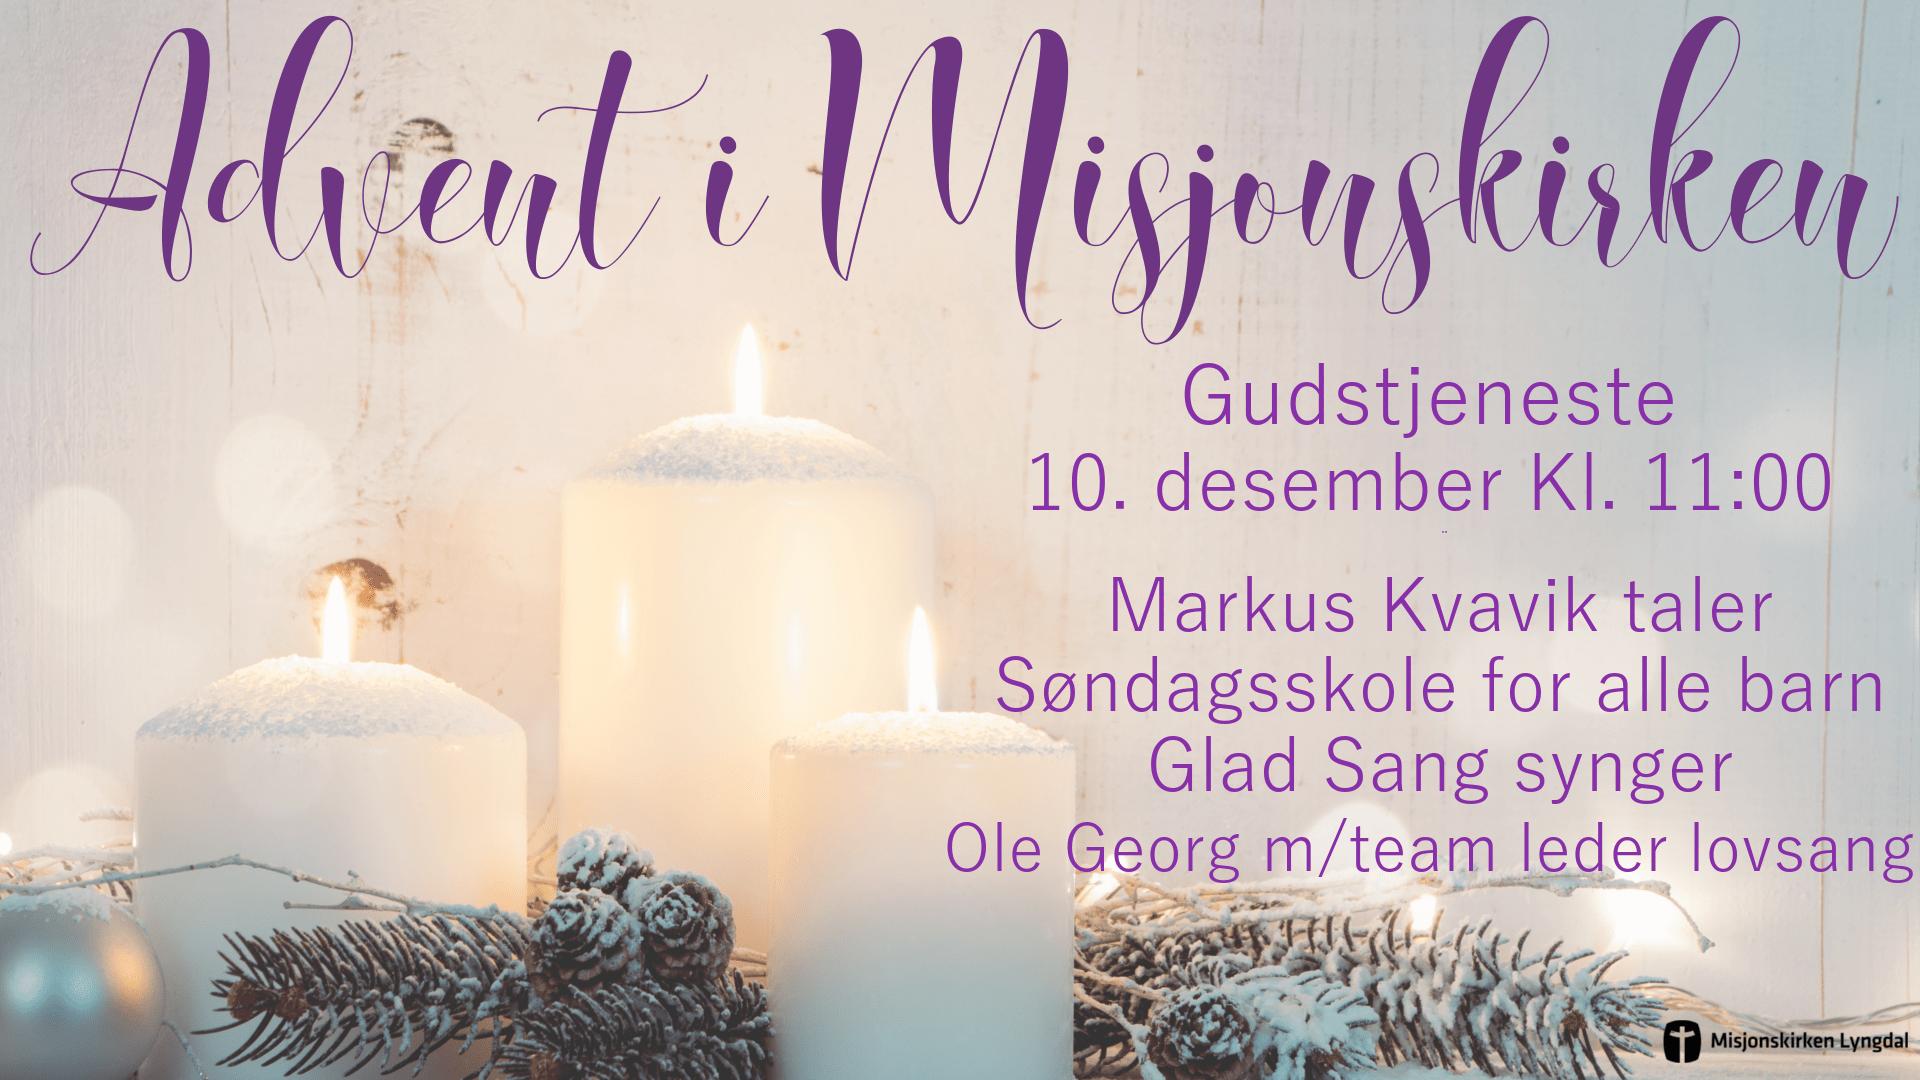 Velkommen til Gudstjeneste søndag 10/12-17